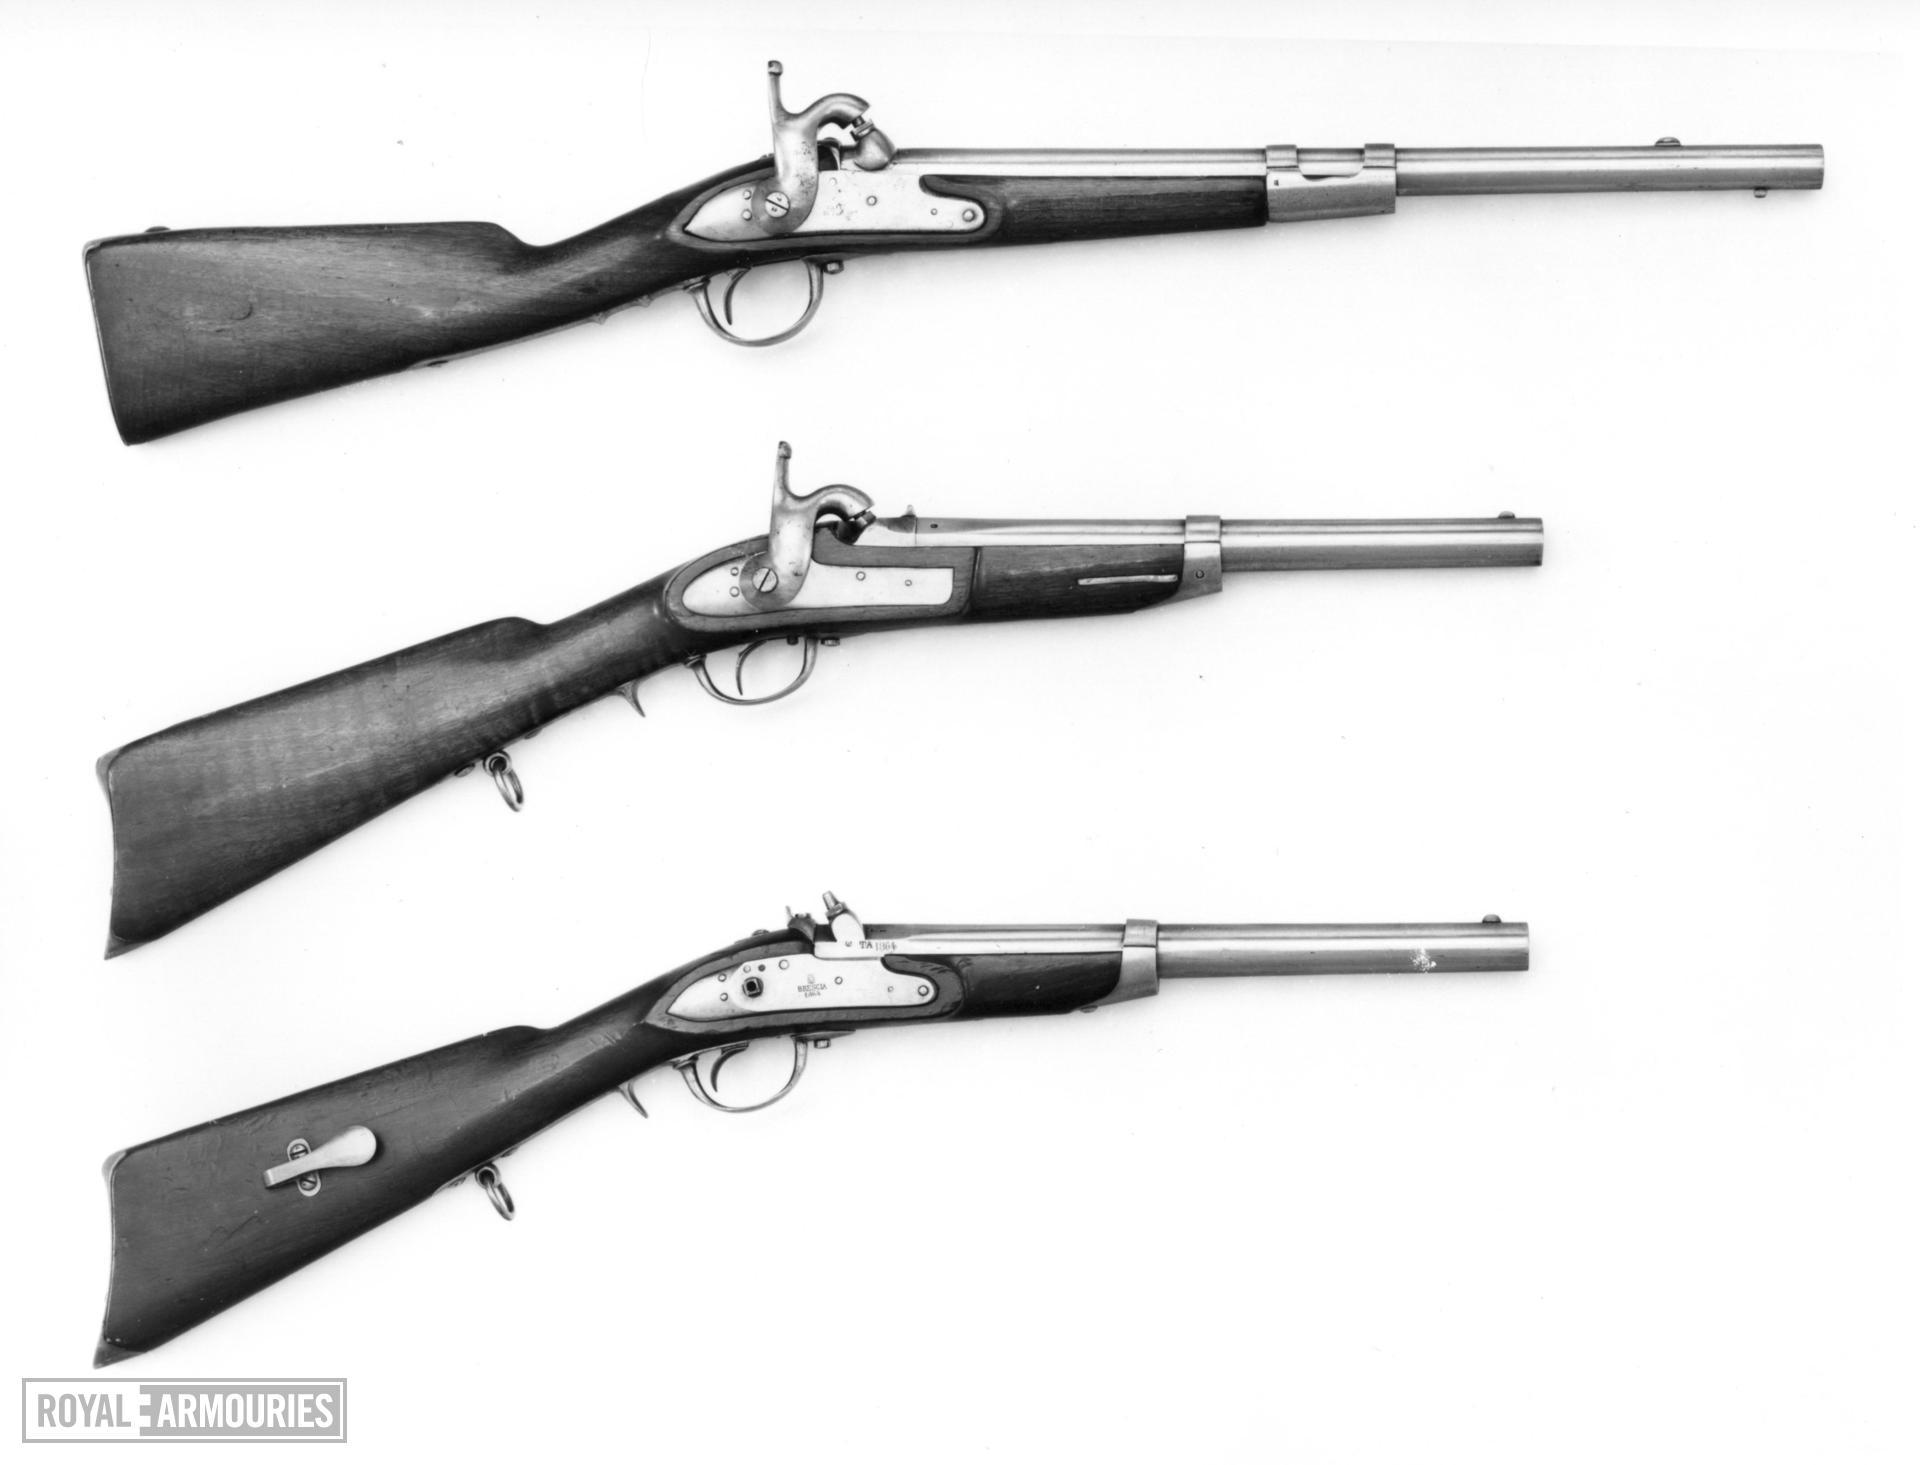 Percussion muzzle-loading military carbine - Cavalry Model 1860